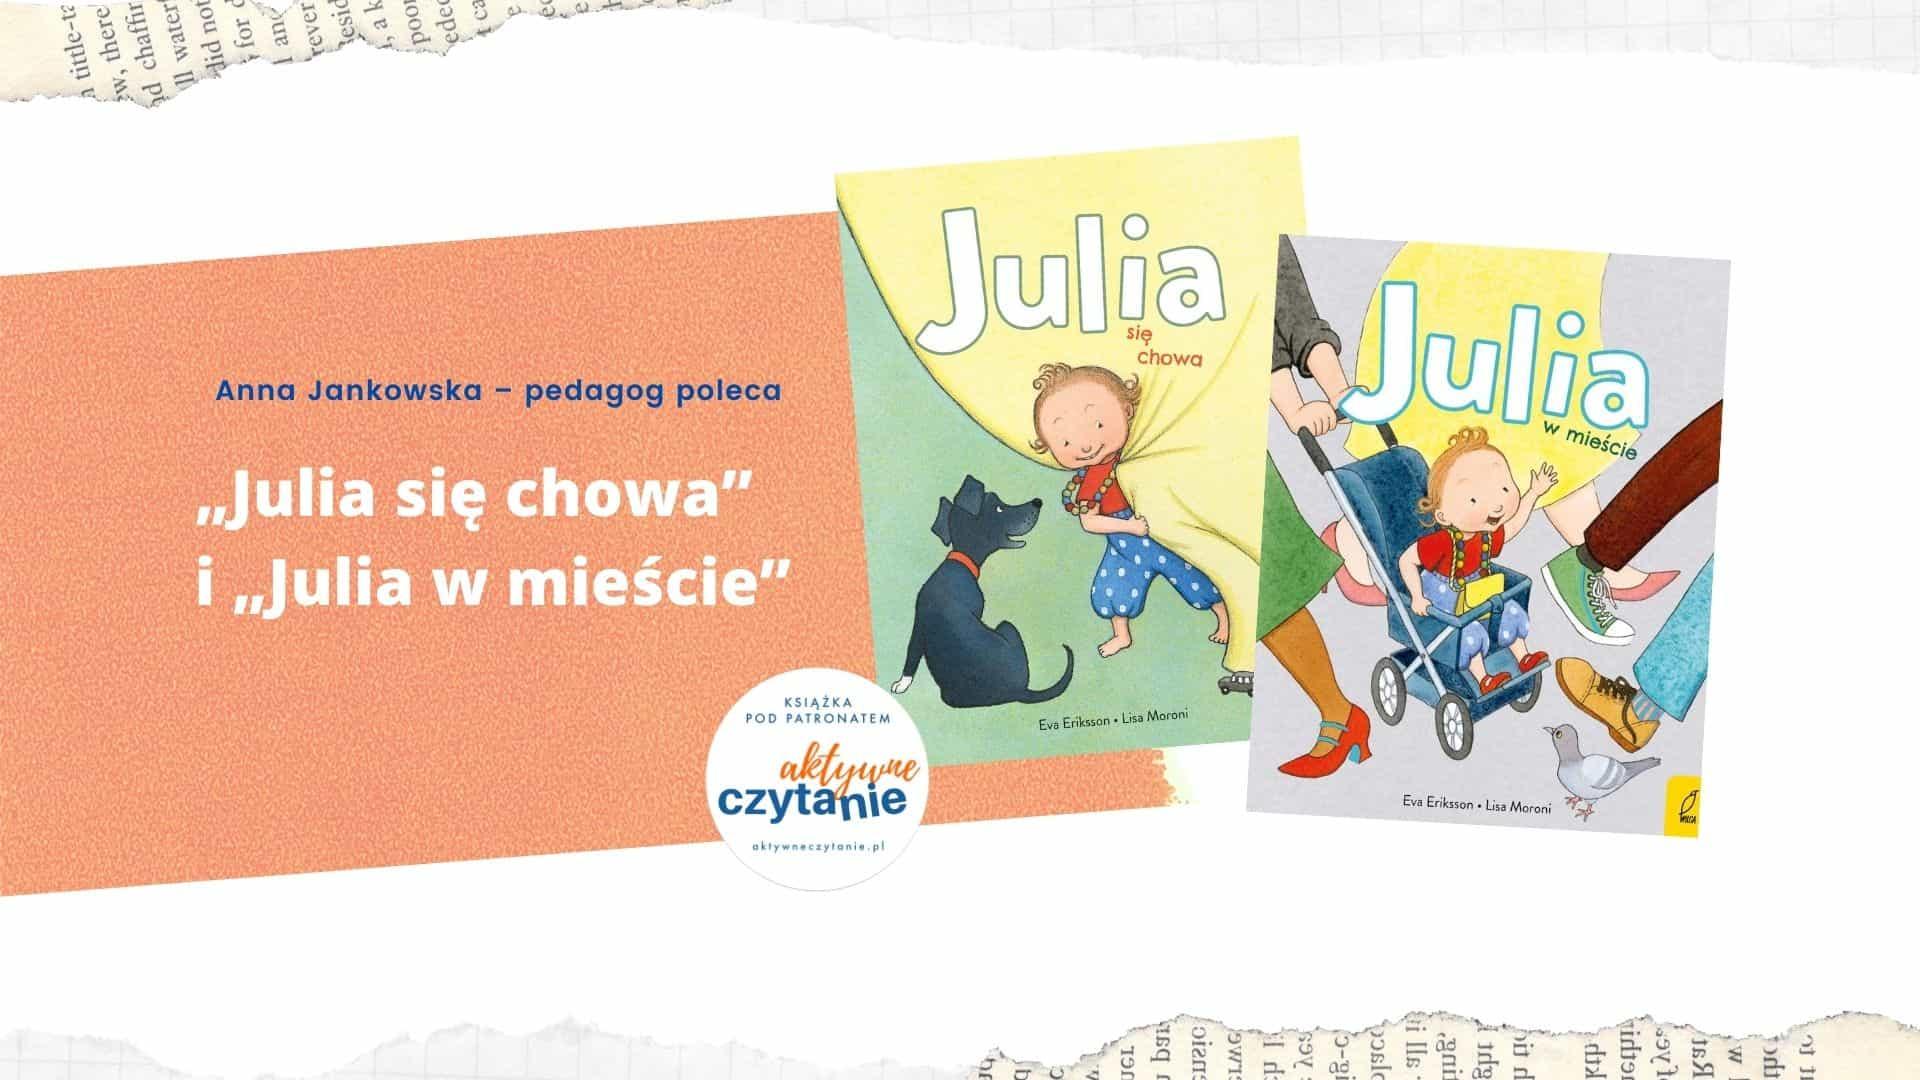 ksiazki-dla-dzieci-julia-sie-chowa-julia-w-miescie-recenzja